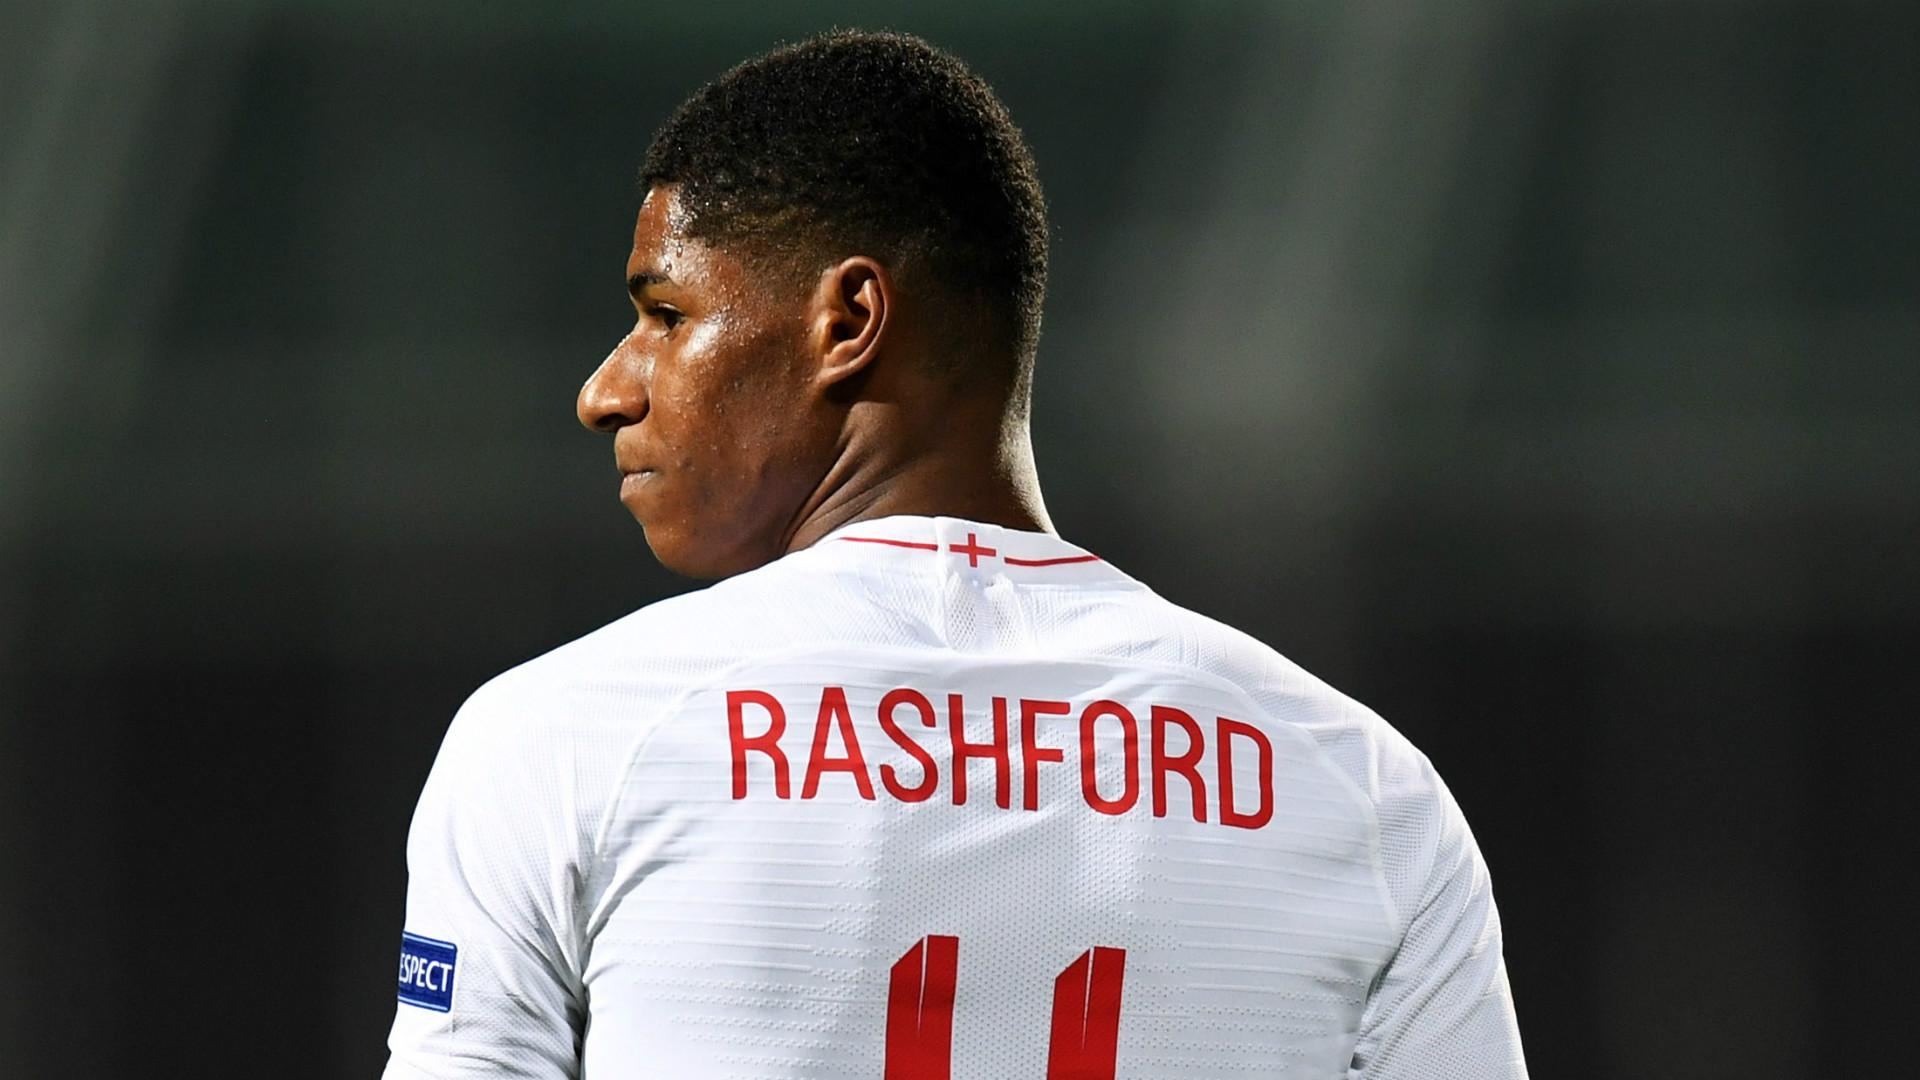 Marcus Rashford England 2018